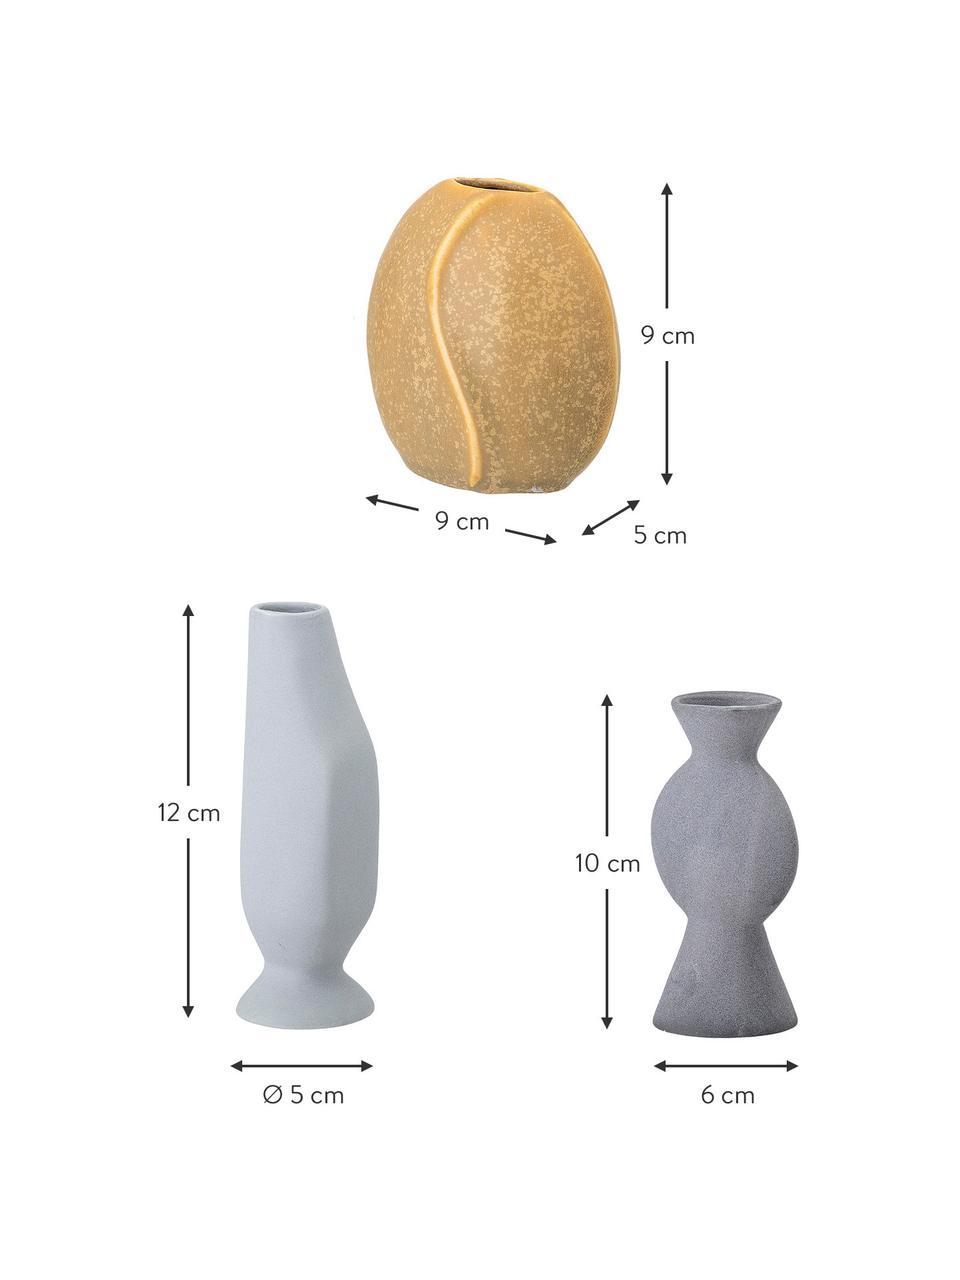 Komplet ręcznie wykonanych wazonów Lubava, 3 elem., Kamionka, Żółty, jasny szary, szary, Komplet z różnymi rozmiarami